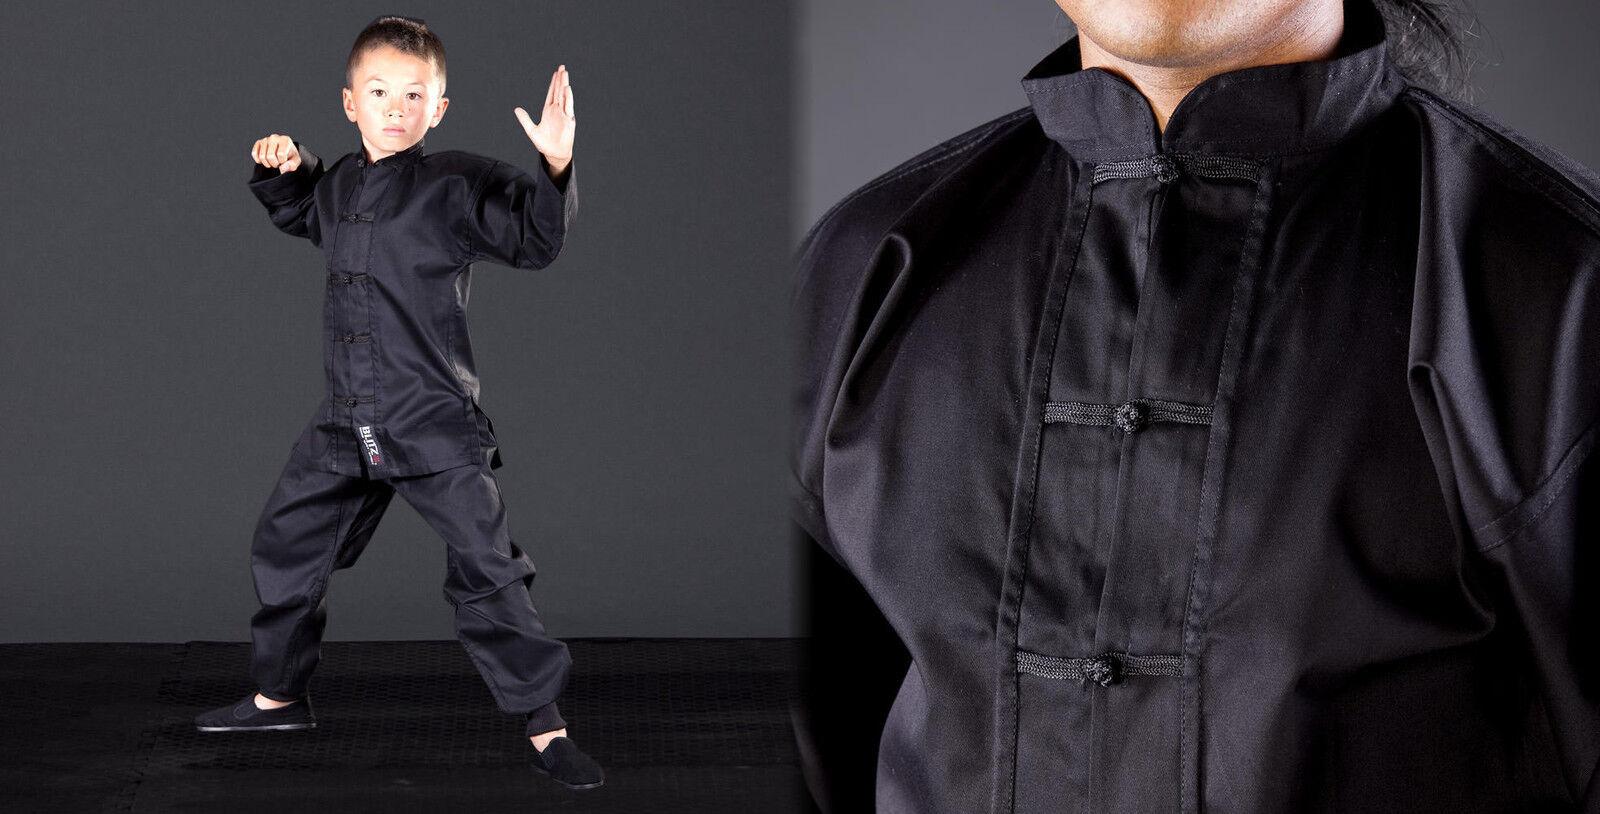 Kimono UNIFORME per per per KUNG FU Bambino Kids SUIT DIVISA WUSHU Wing chun Shaolin mon d207b8